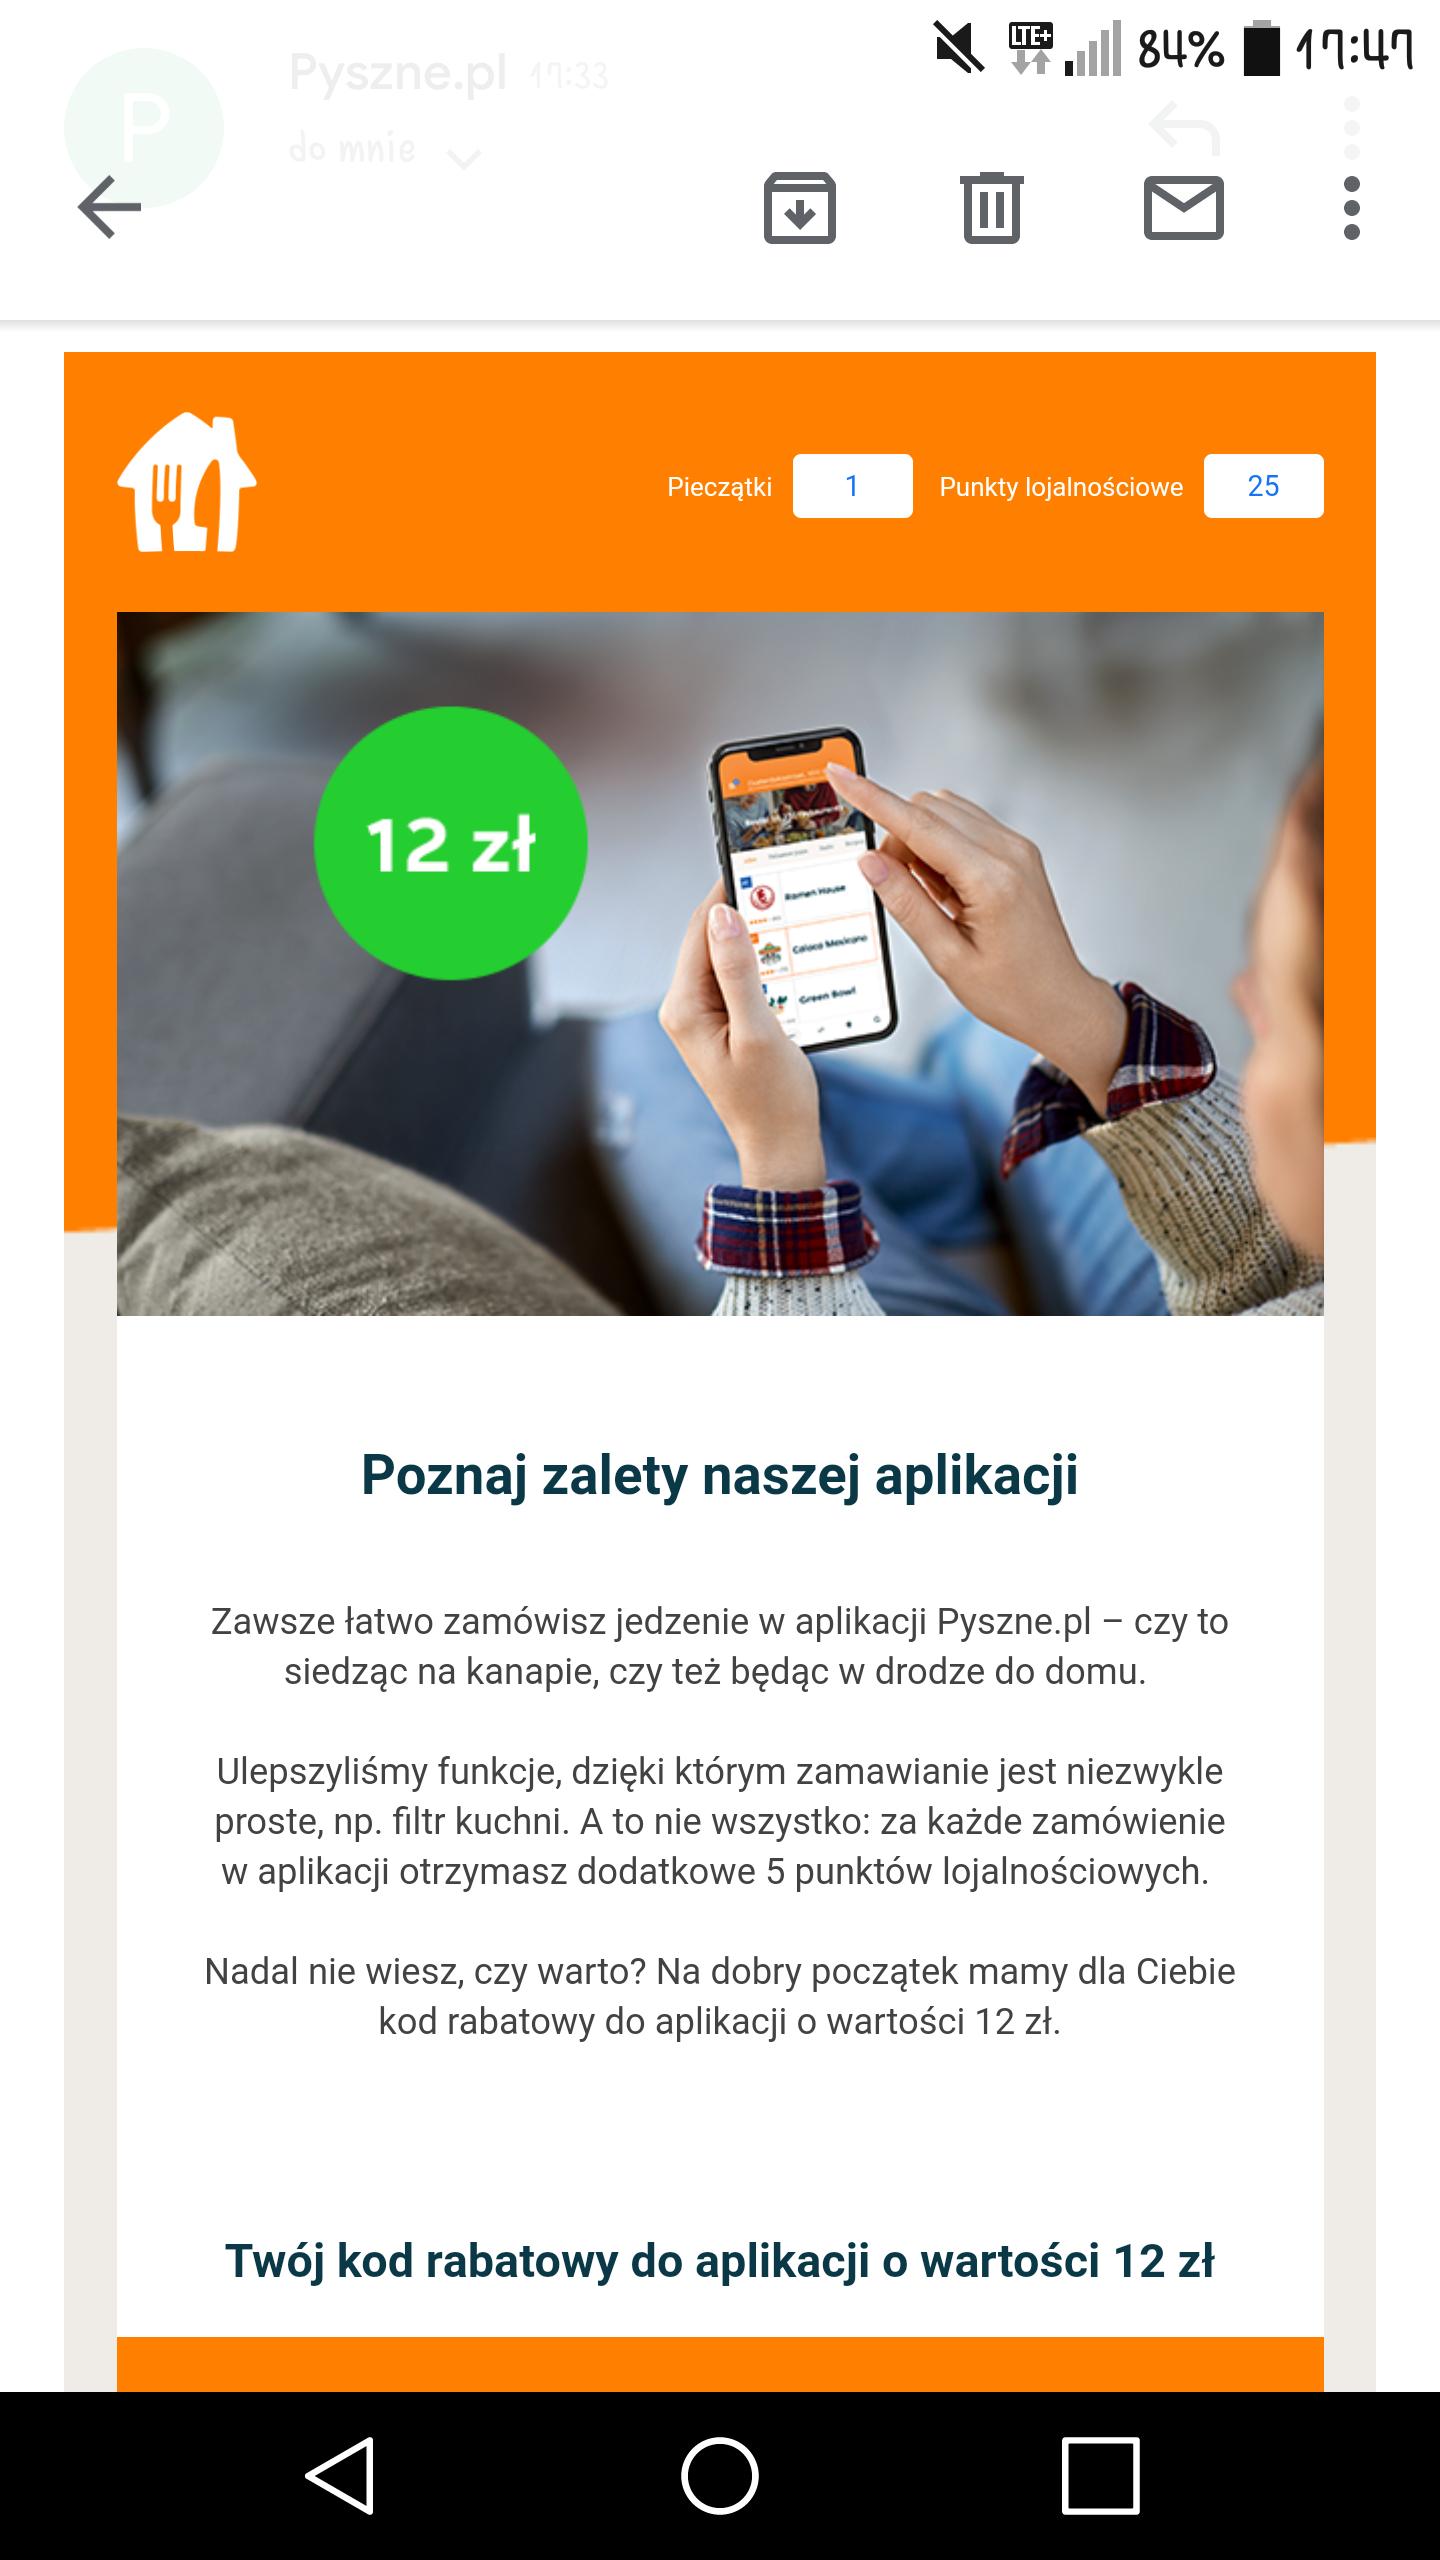 Pyszne.pl - kod rabatowy -12 zł (mwz 25 złotych)